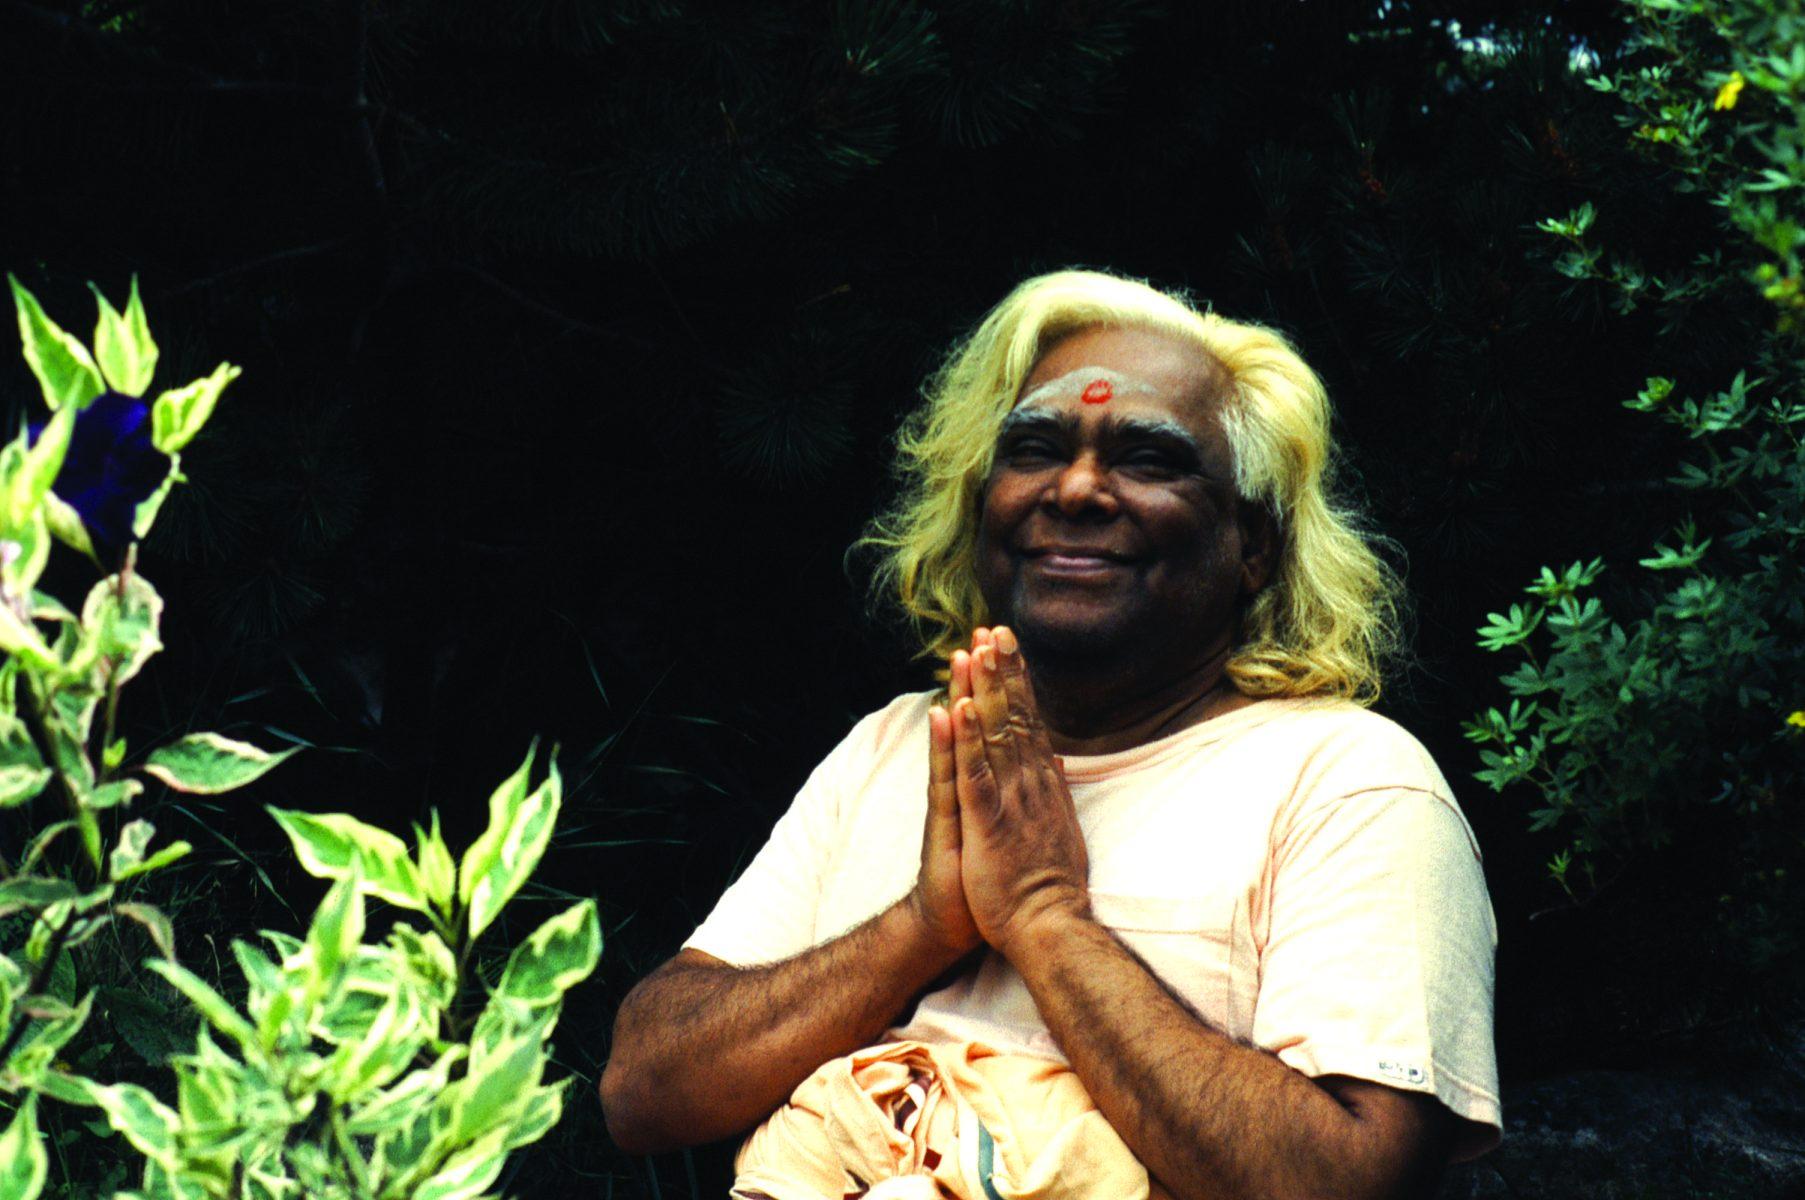 Swami Vishnudevananda's Mahasamadhi & Jalasamadhi at the Sivananda Yoga Ranch